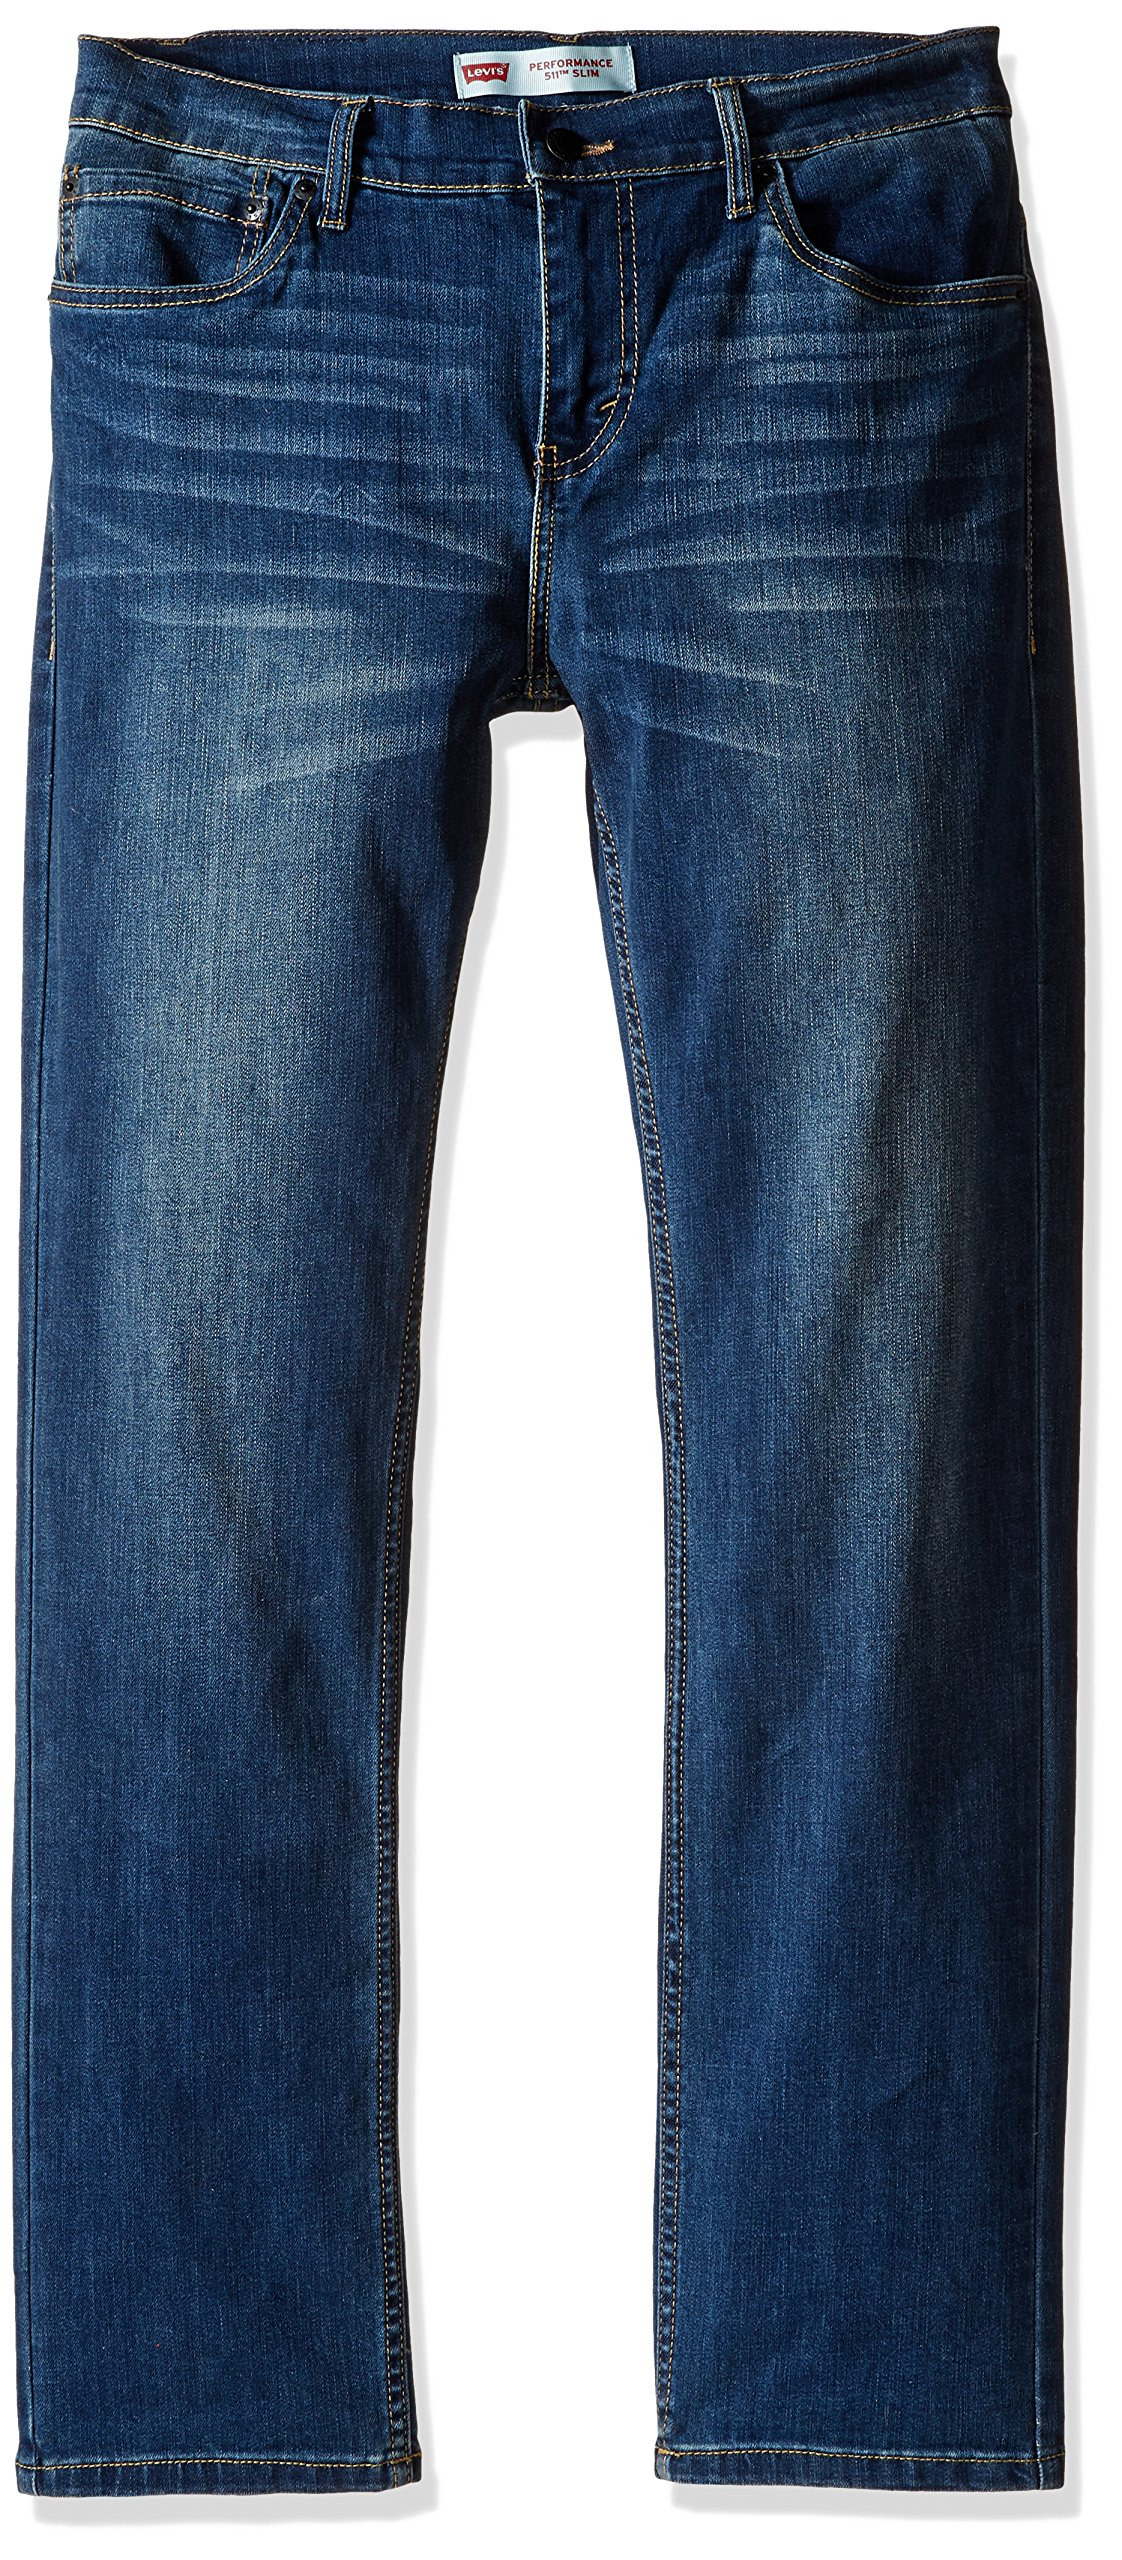 Levi's Boys' Big 511 Slim Fit Performance Jeans, Evans Blue 14